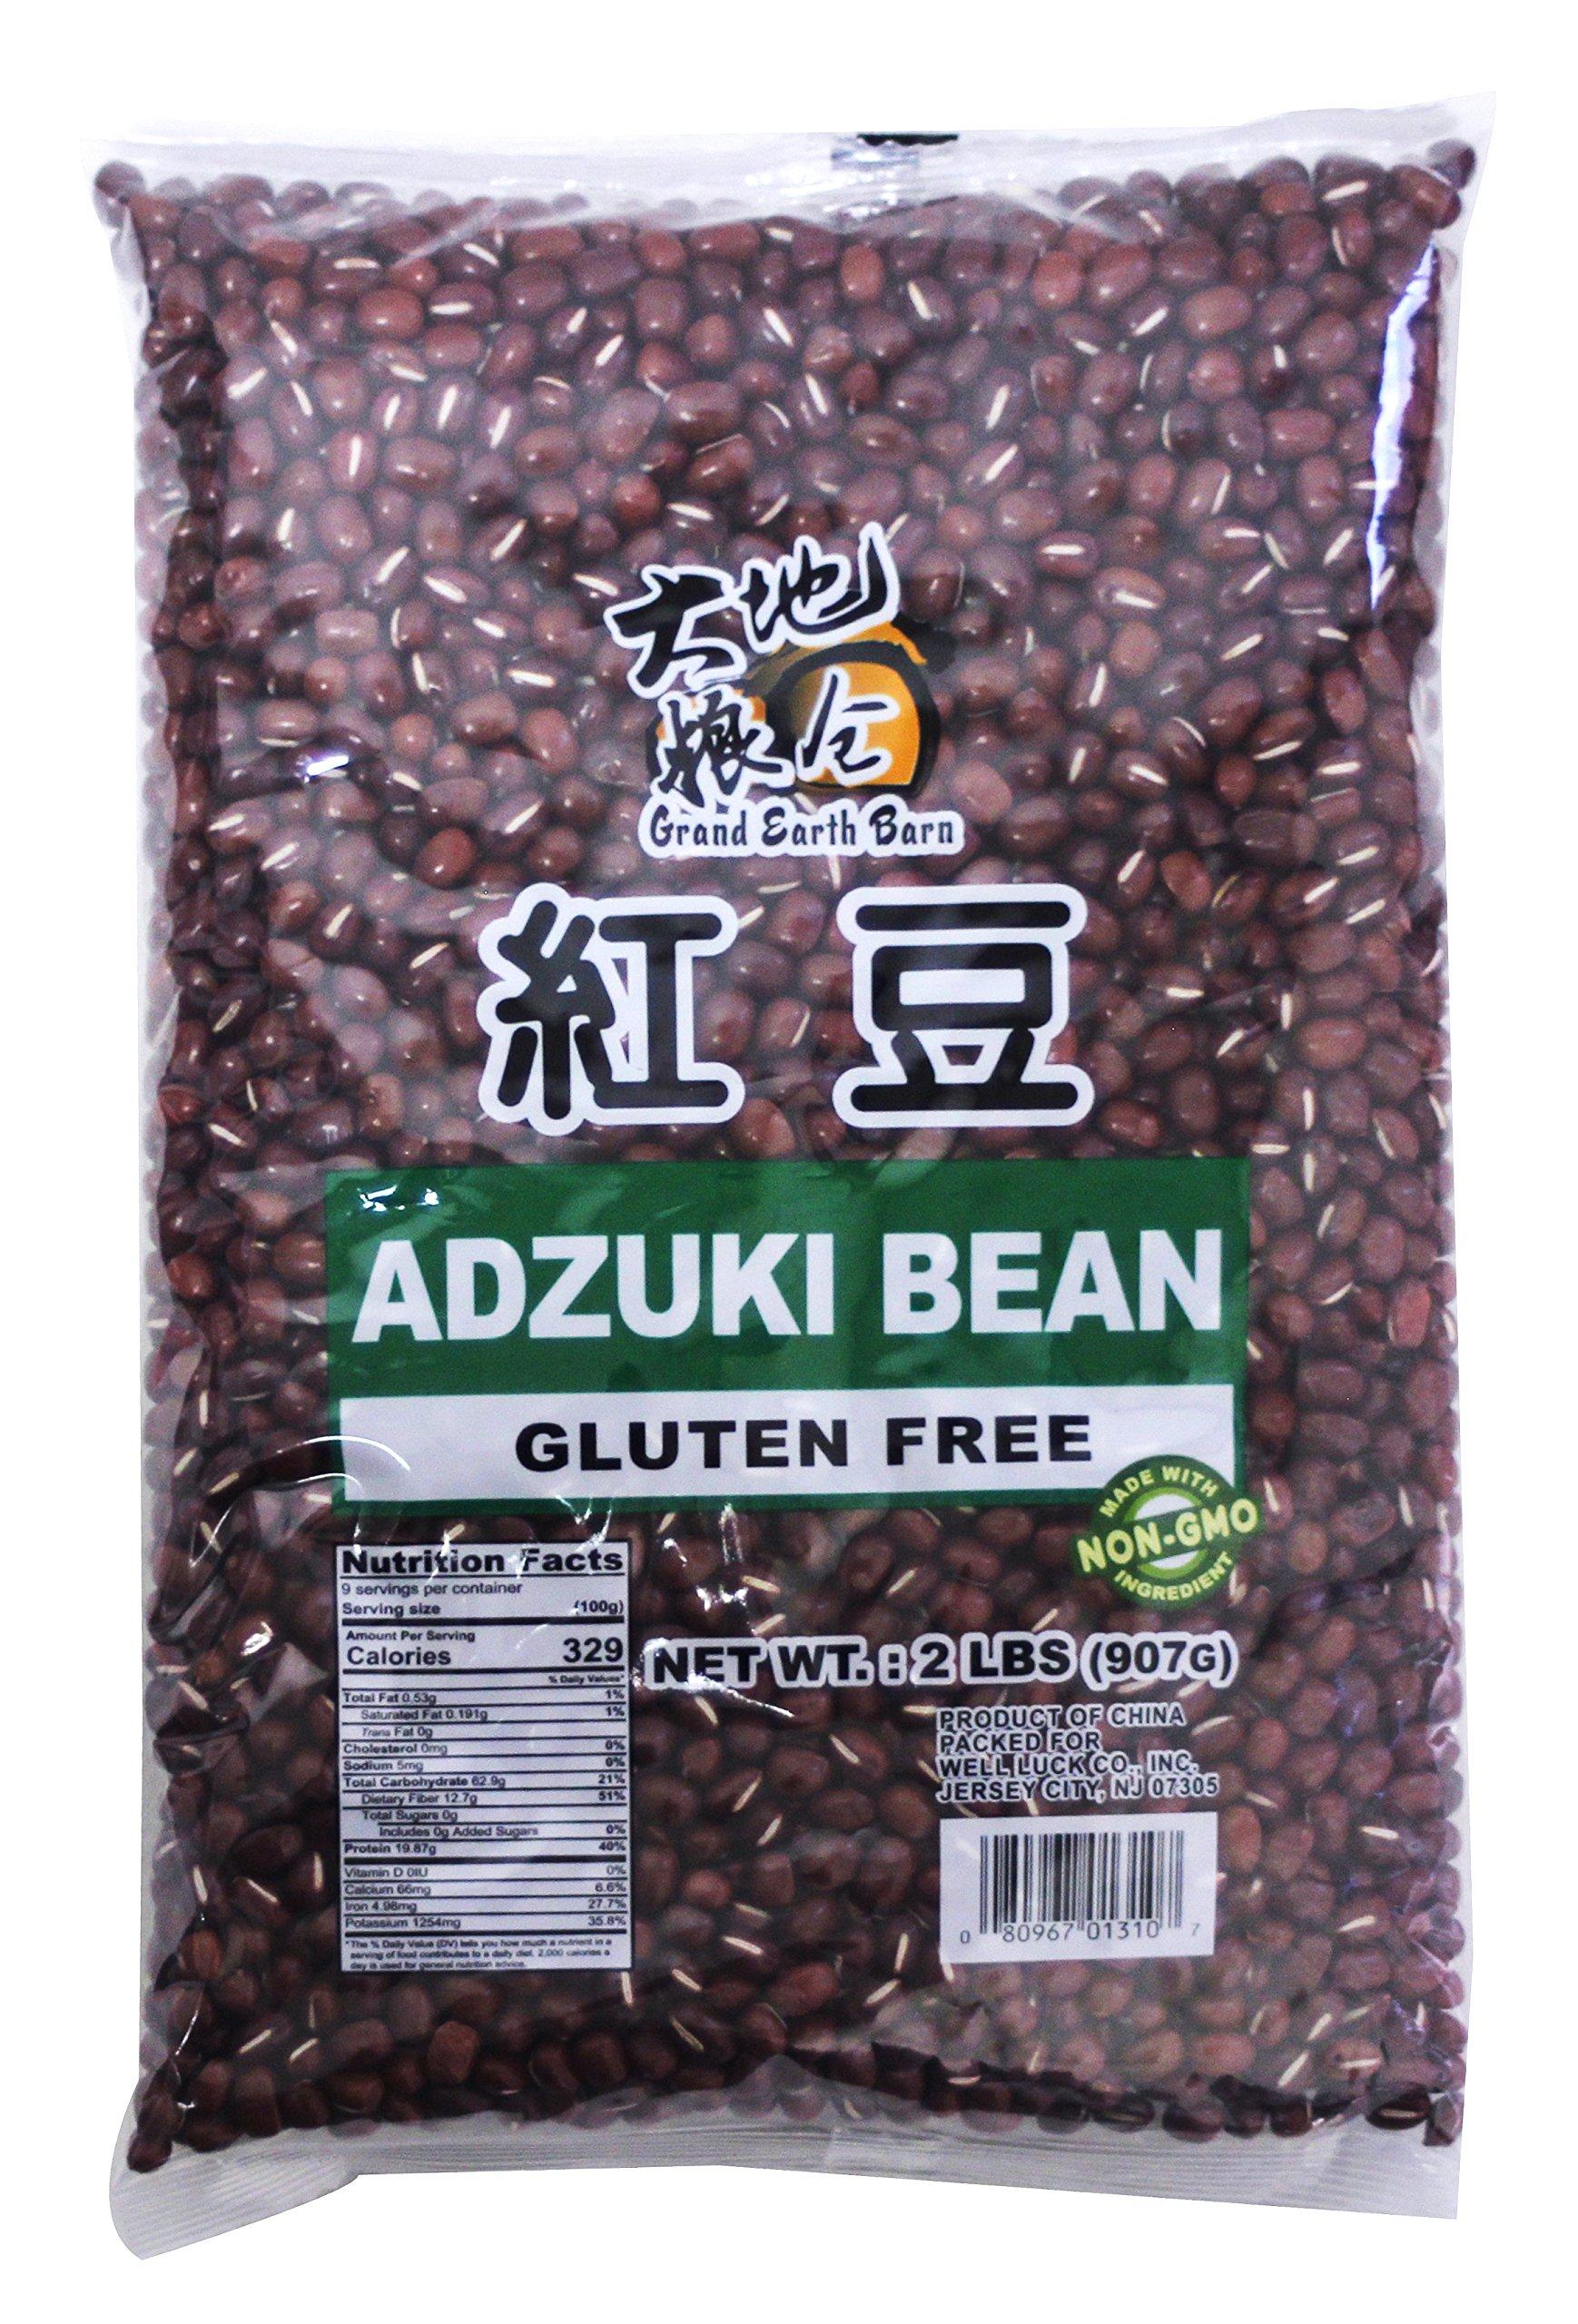 Non GMO Gluten Free Adzuki Red Beans 2 lbs